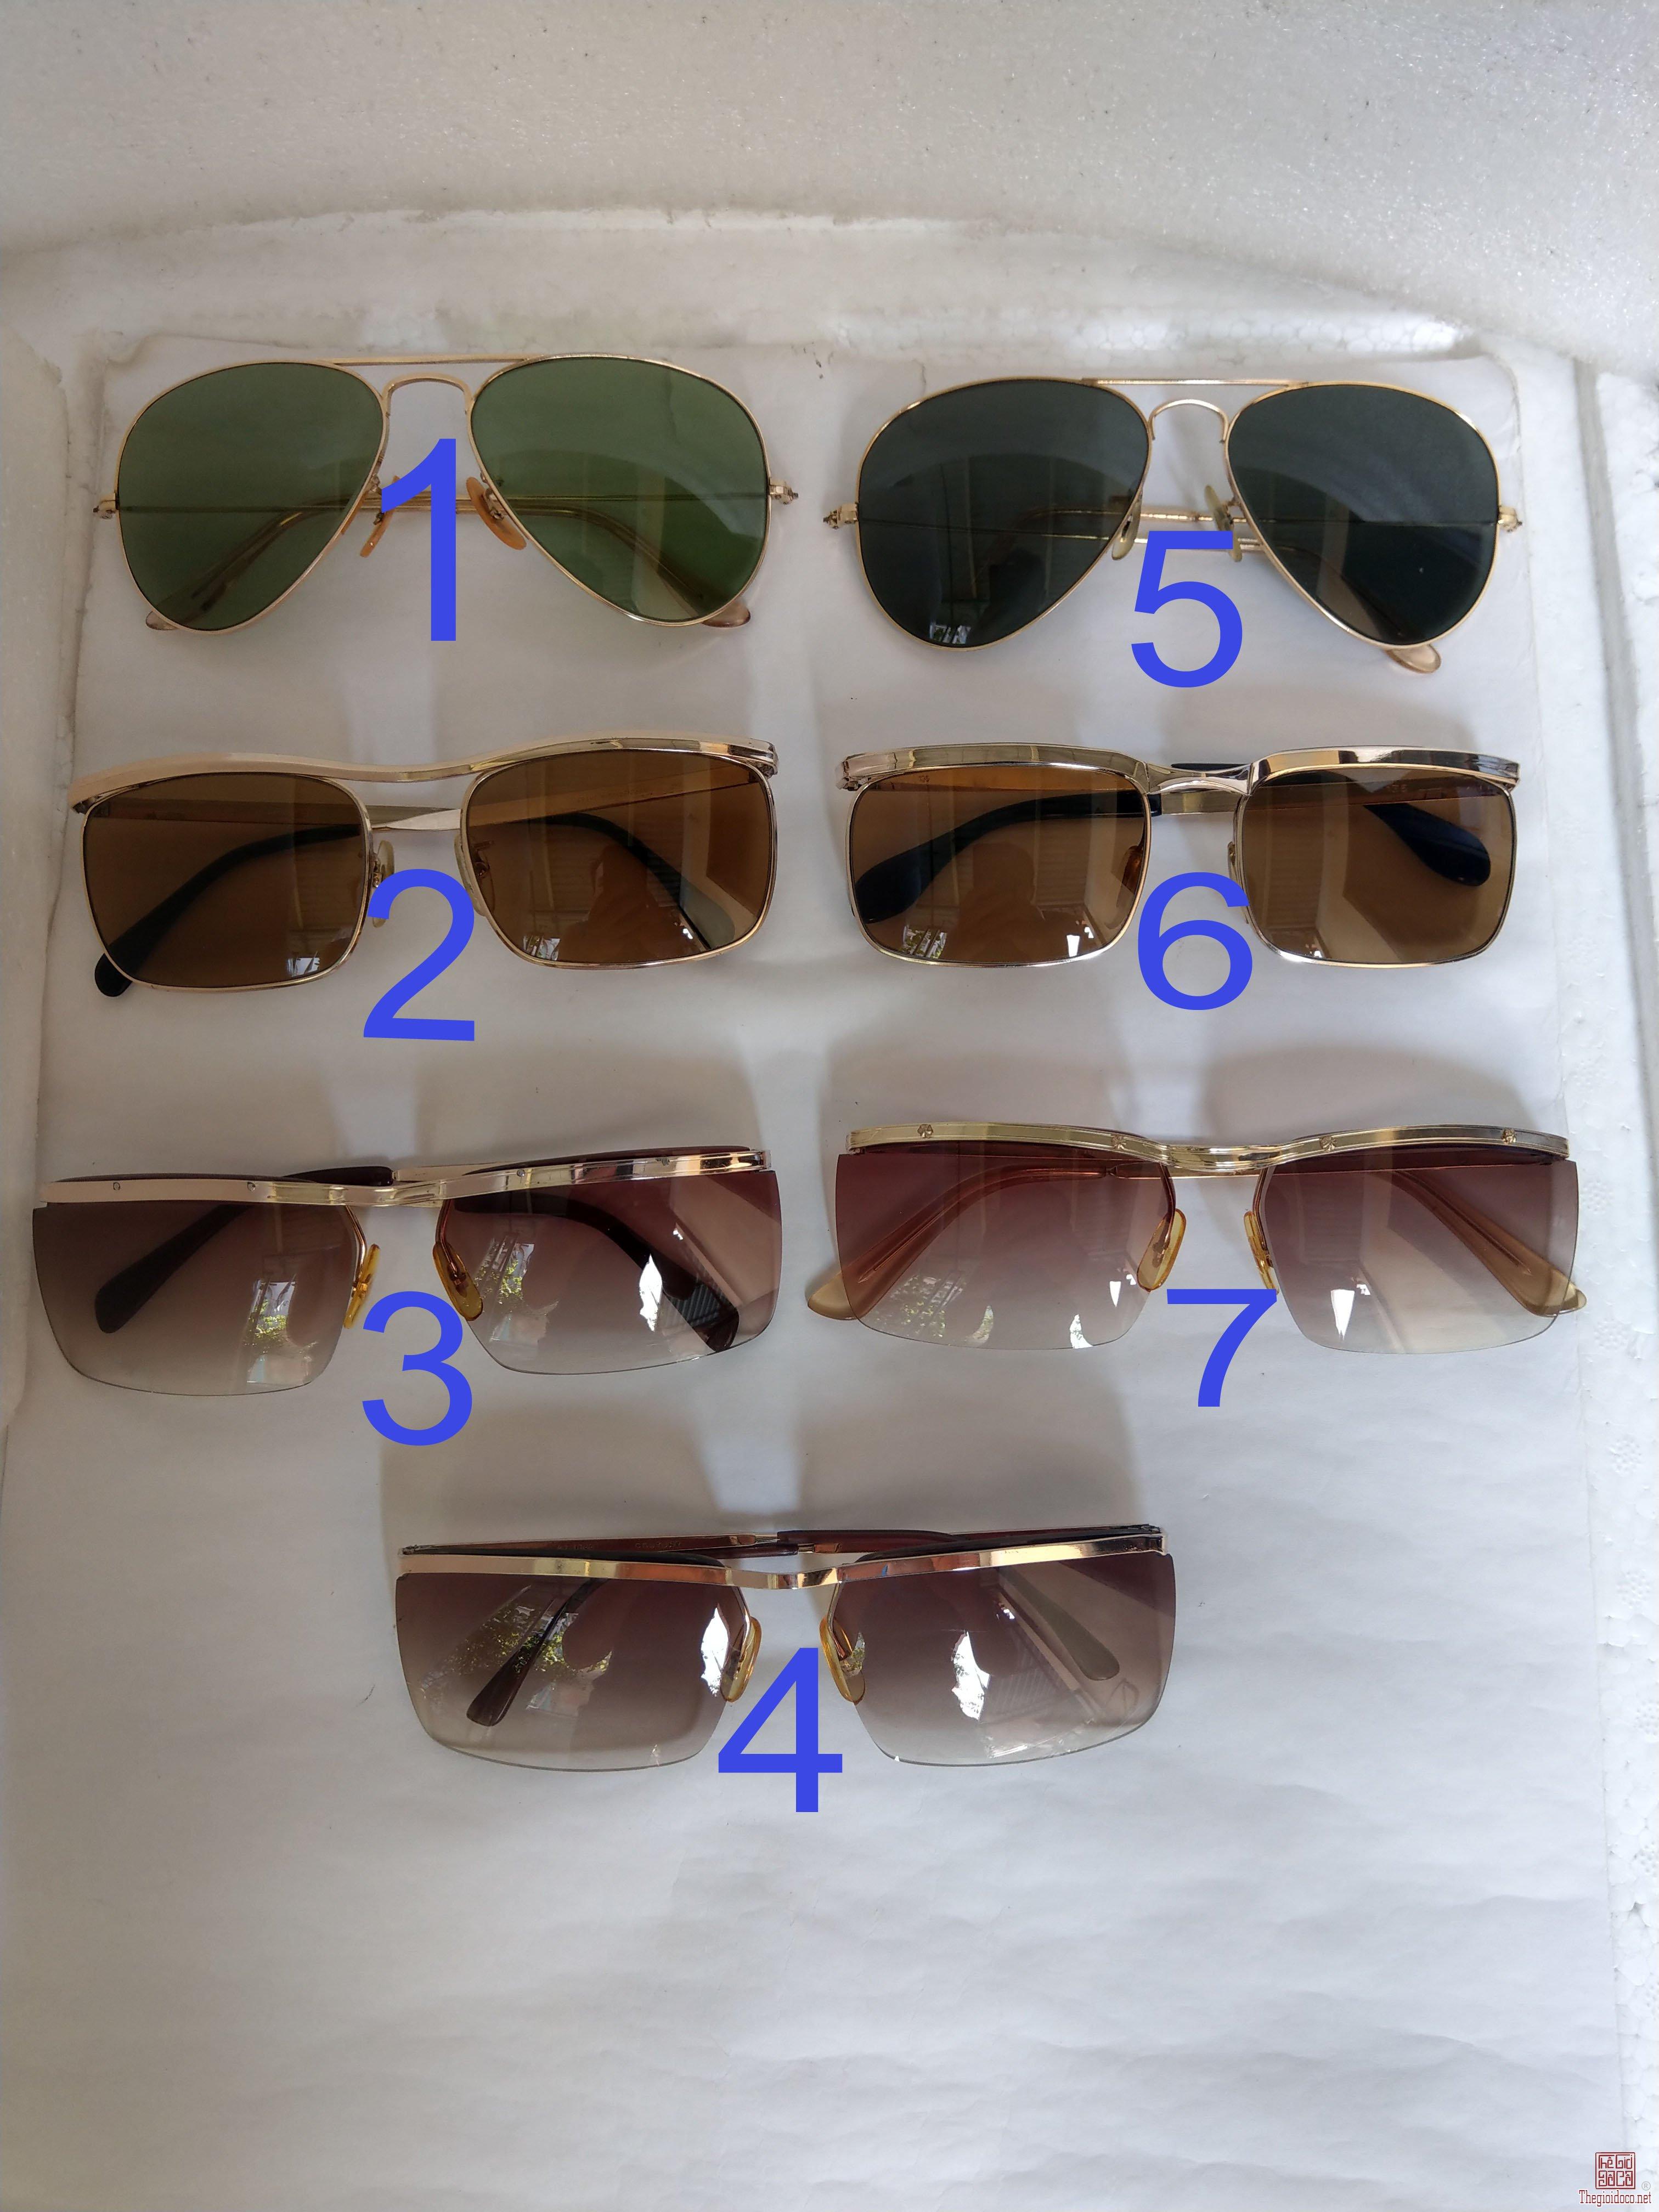 Giàn kính cổ mạ vàng bọc vàng có đầy đủ các thương hiệu nổi tiếng trên toàn thế giới..vv